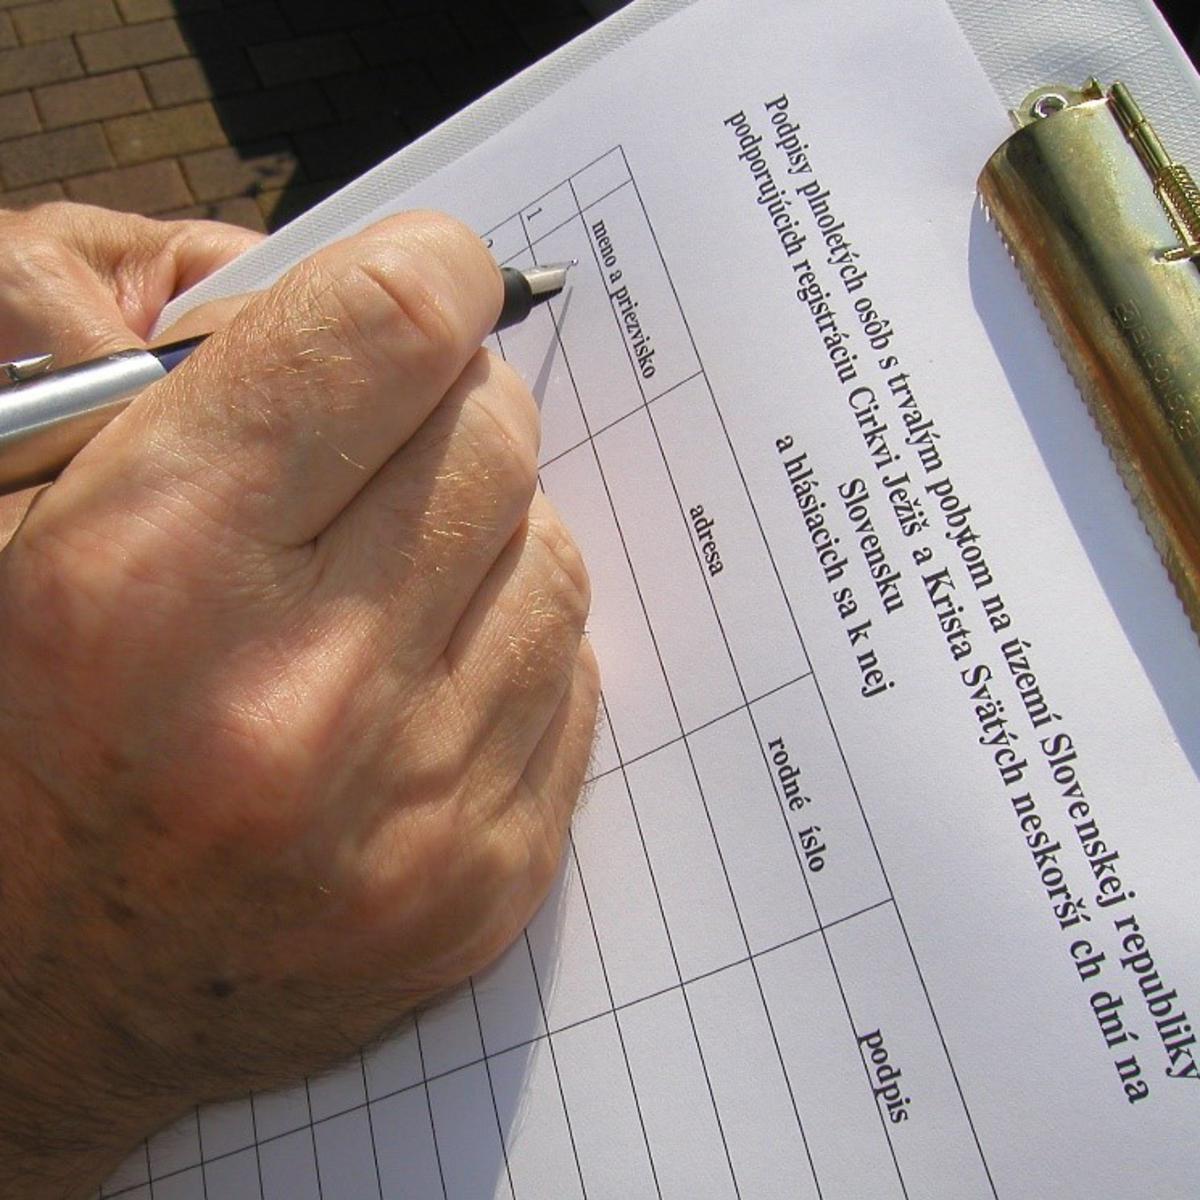 Een burger ondertekent de petitie.